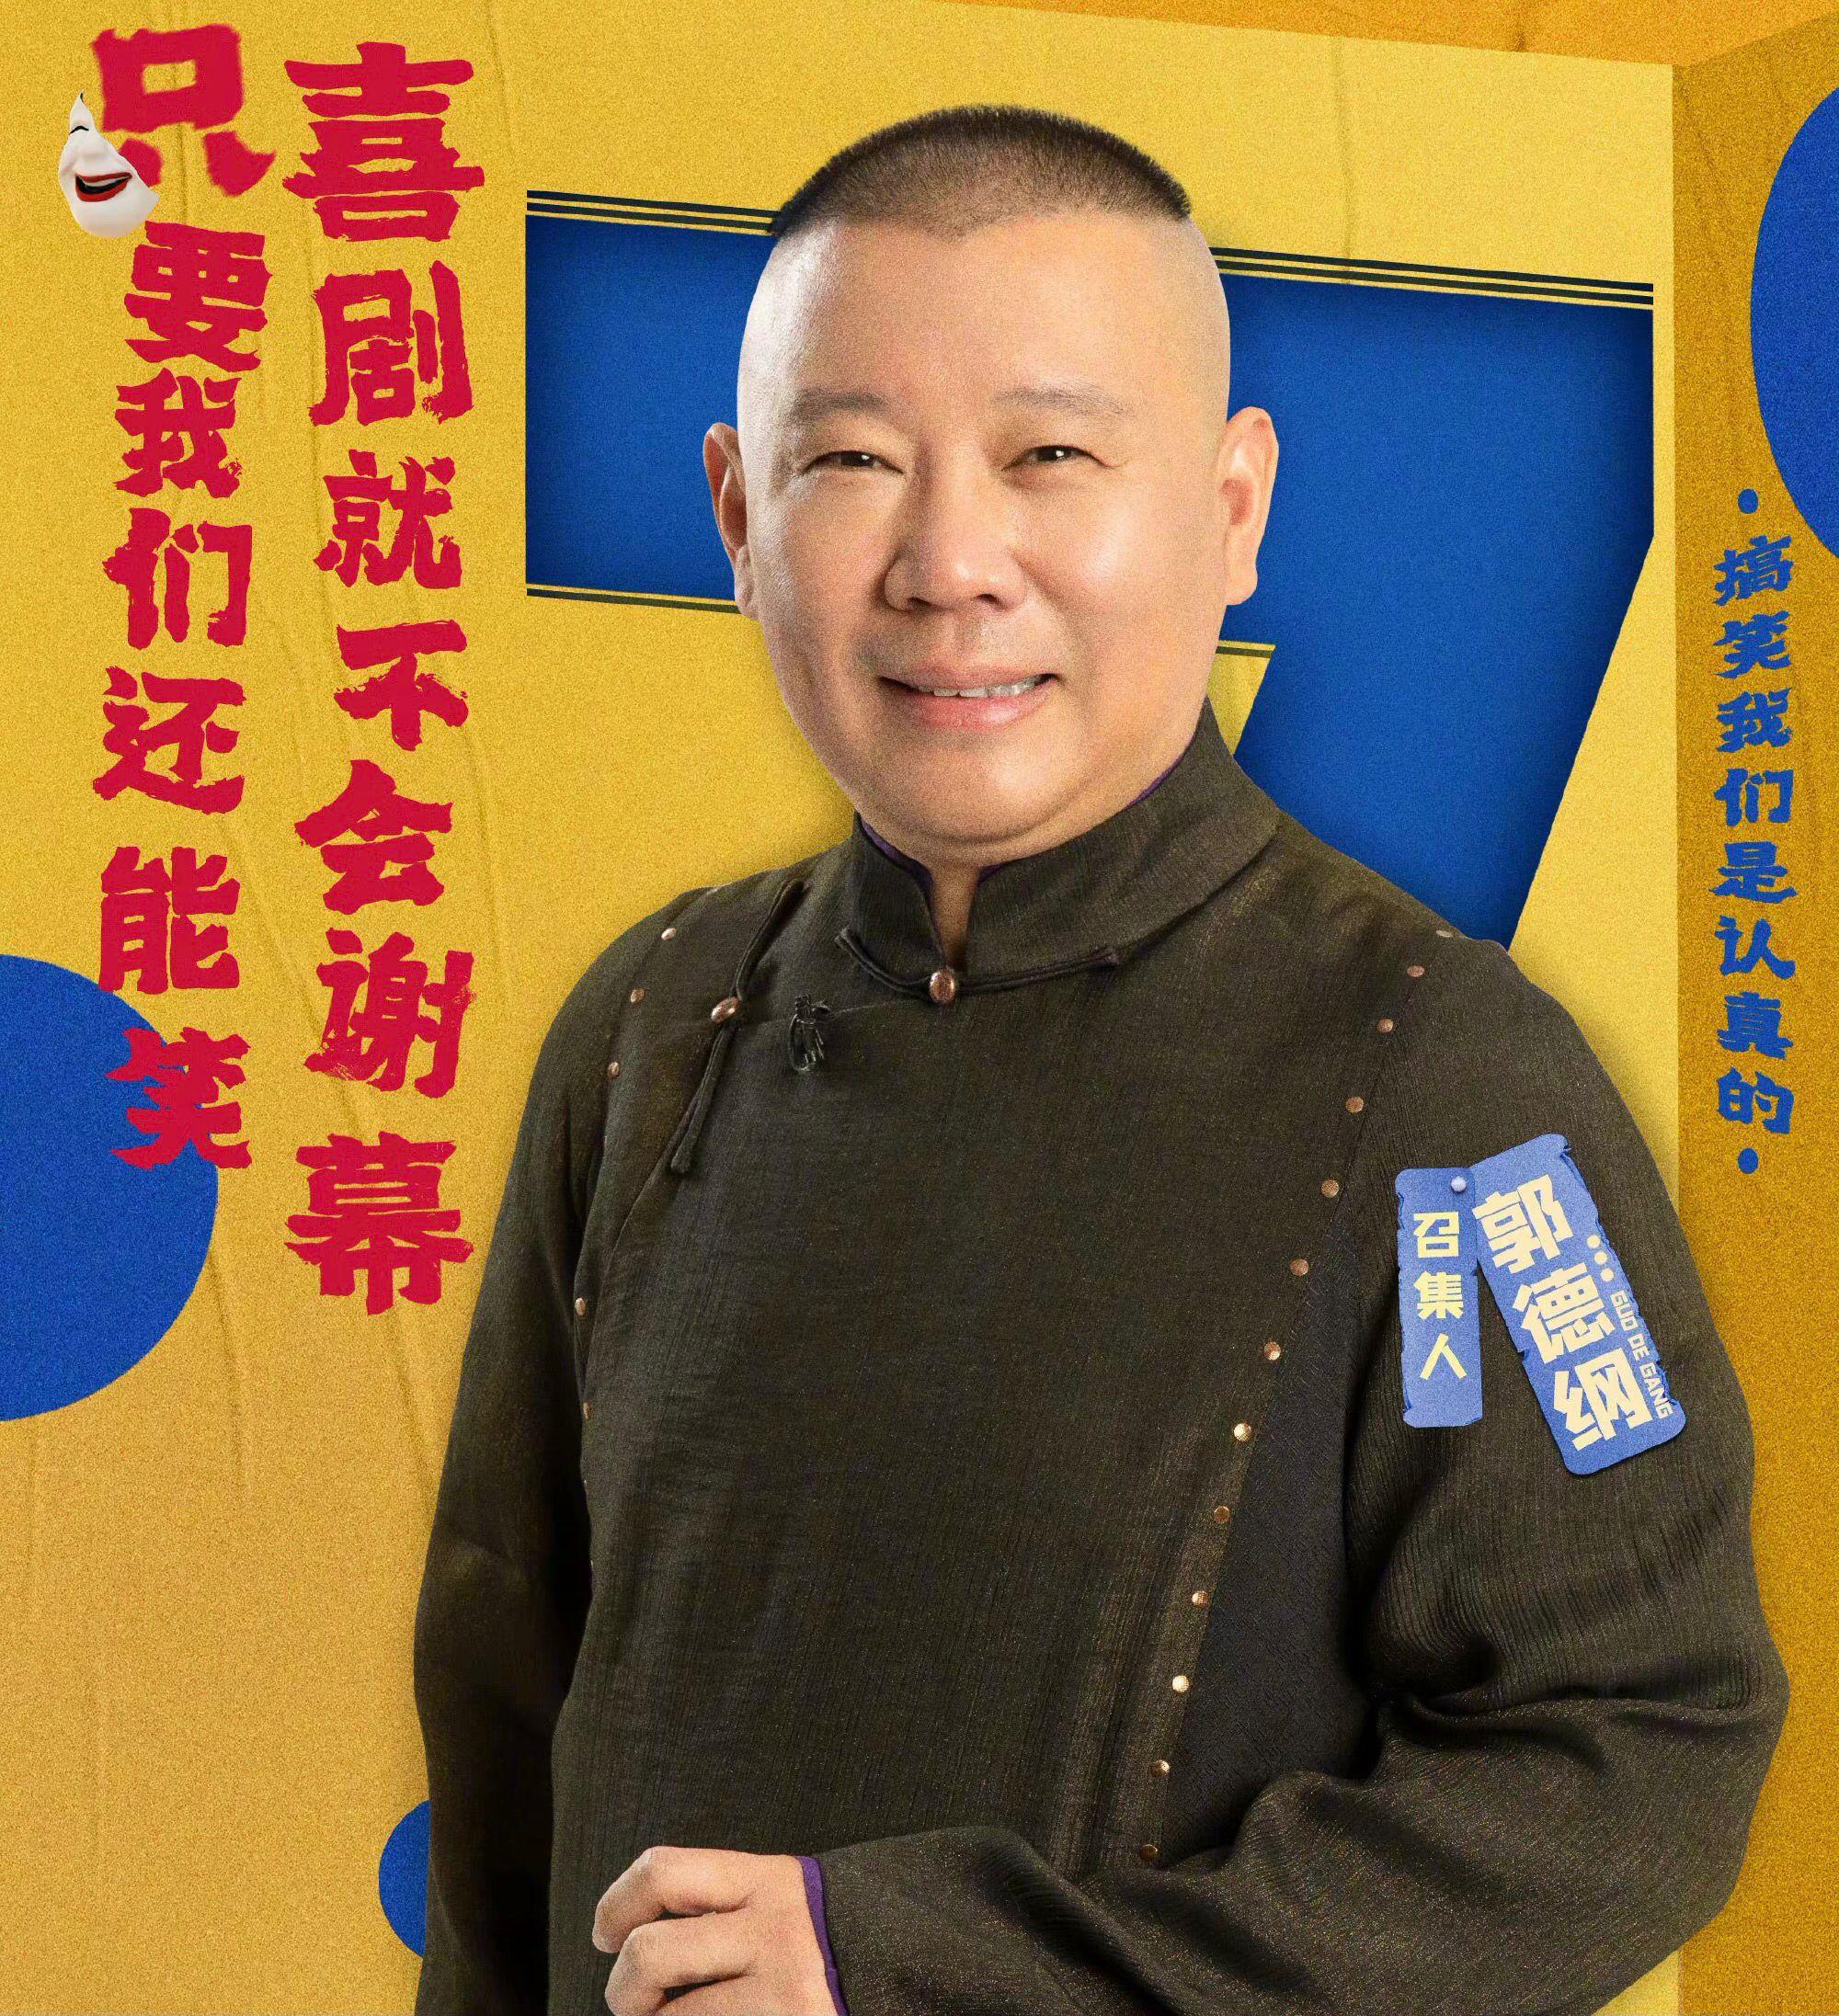 《欢乐喜剧人》第7季明晚开播,节目形式有变,秦霄贤不说相声?